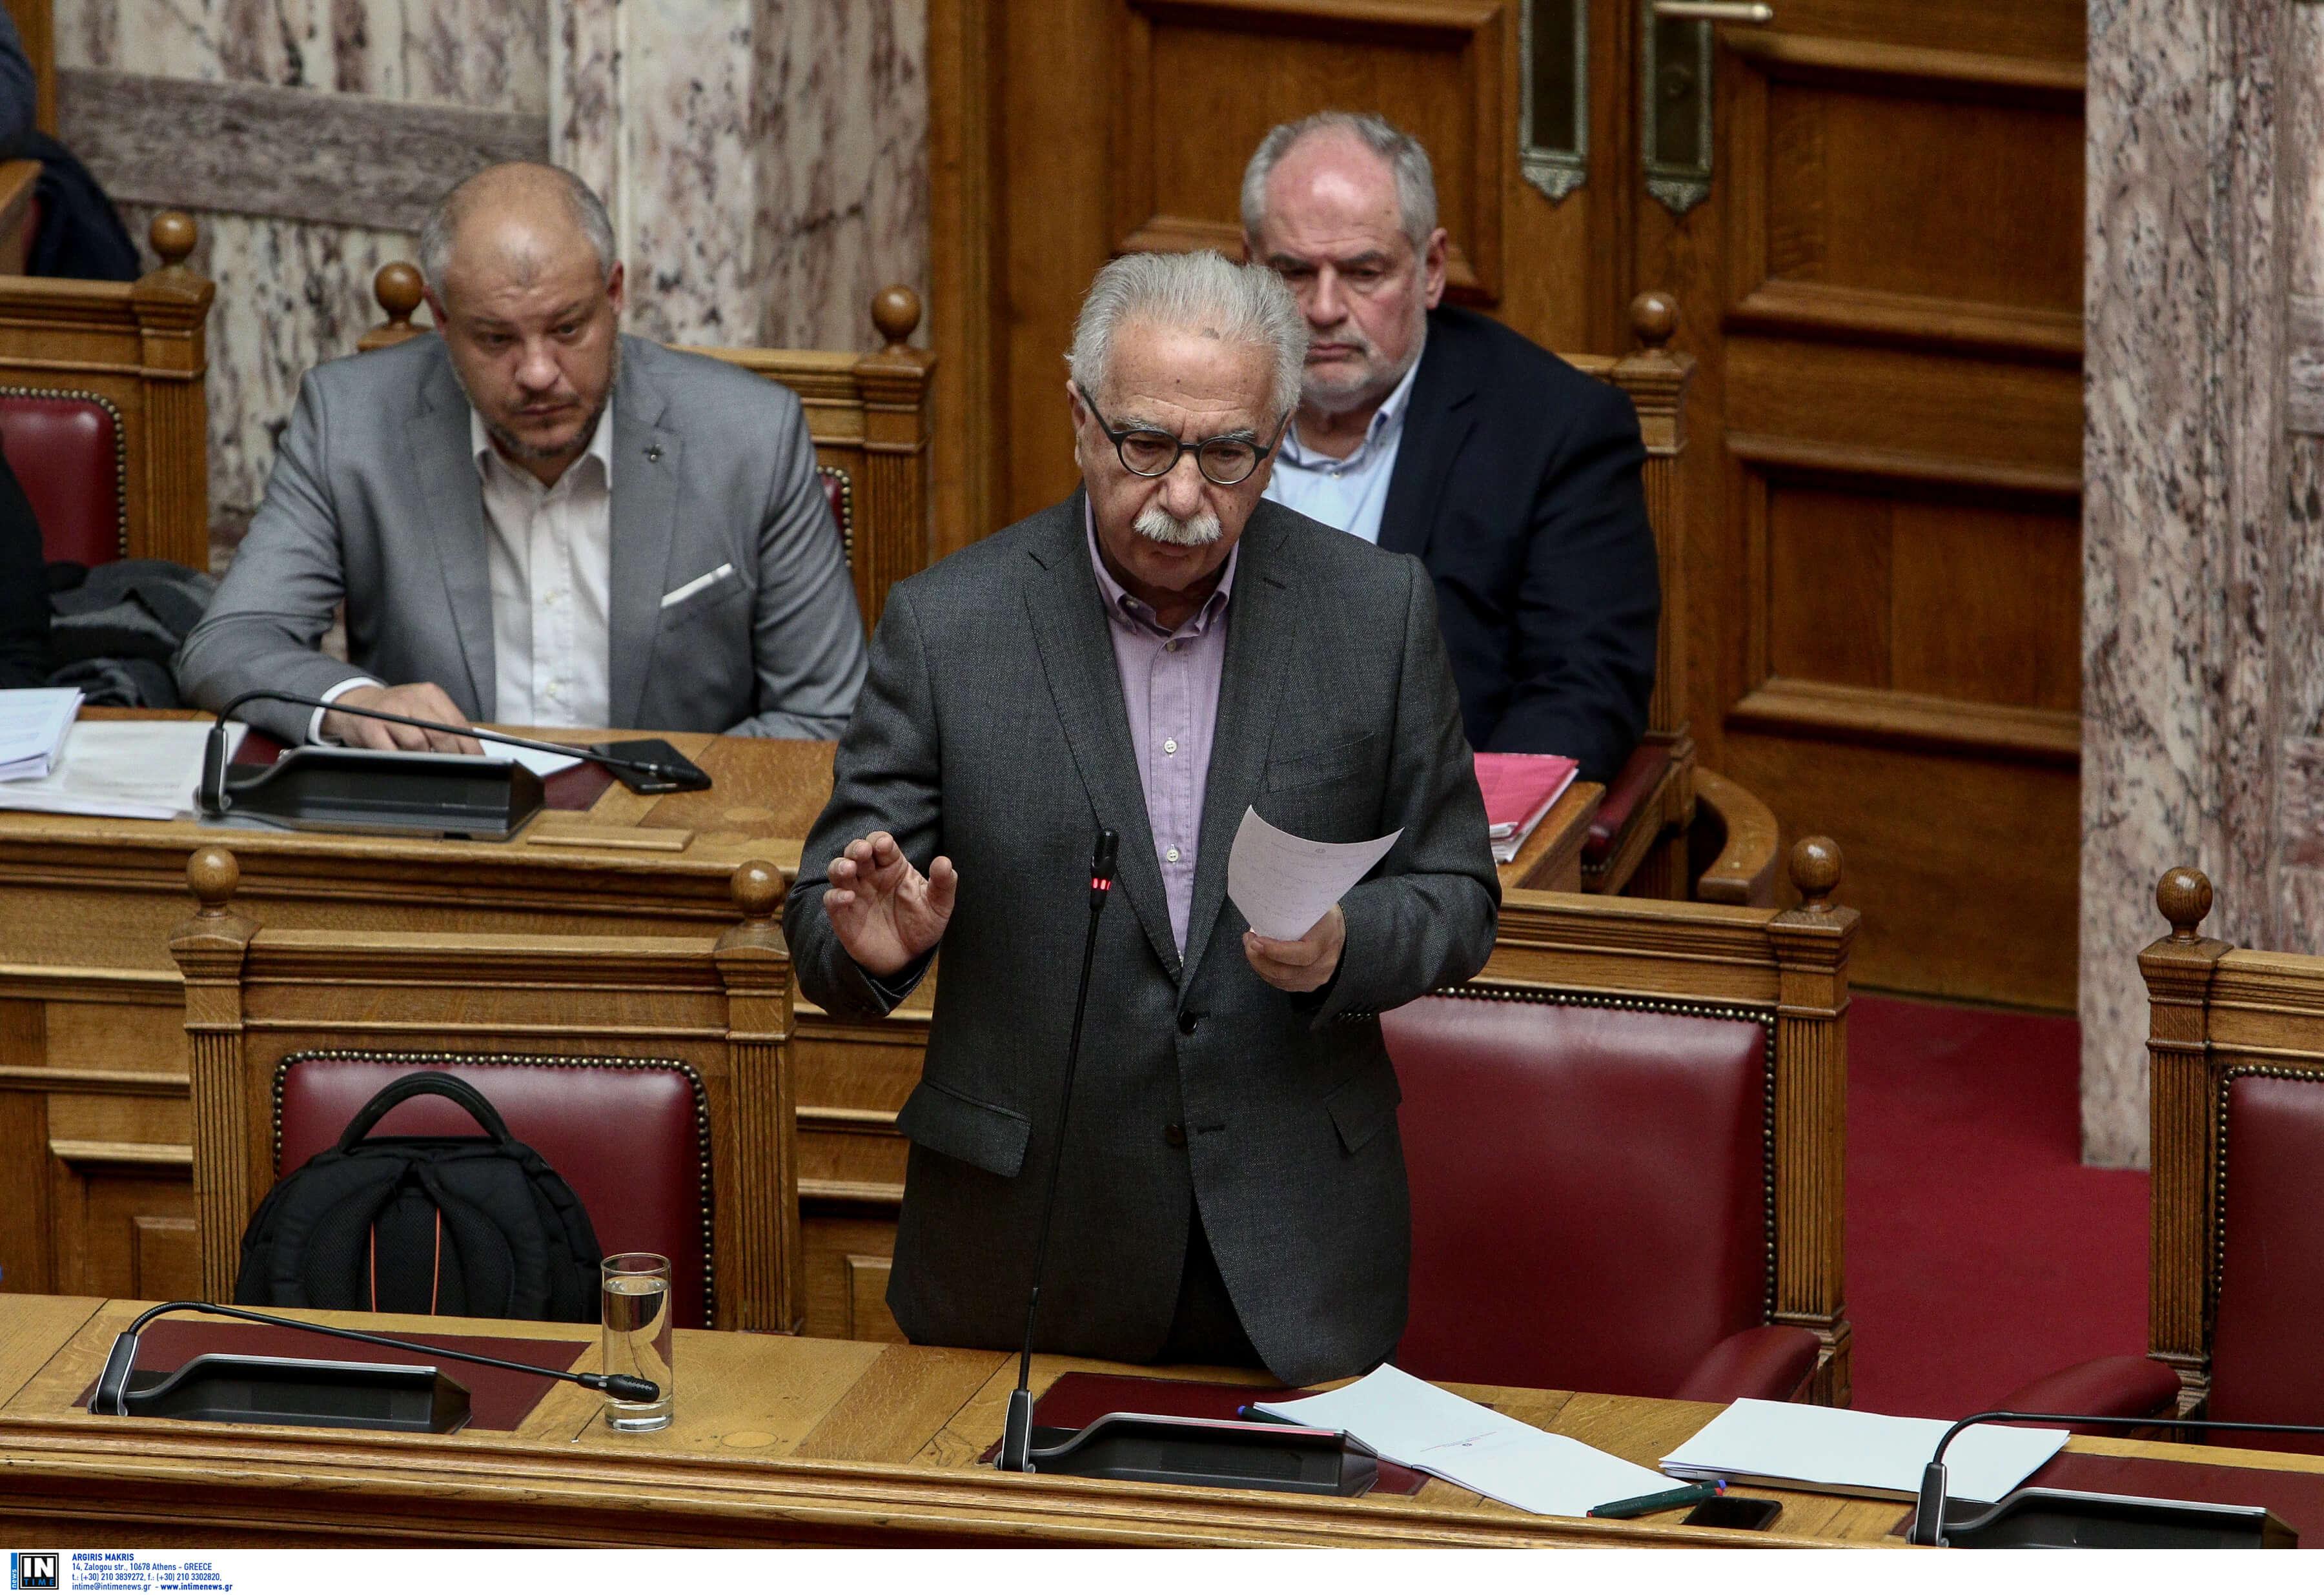 Χαμός στη Βουλή – Ειρωνείες Γαβρόγλου, οργή από το ΚΚΕ, φωνές με Βαρεμένο